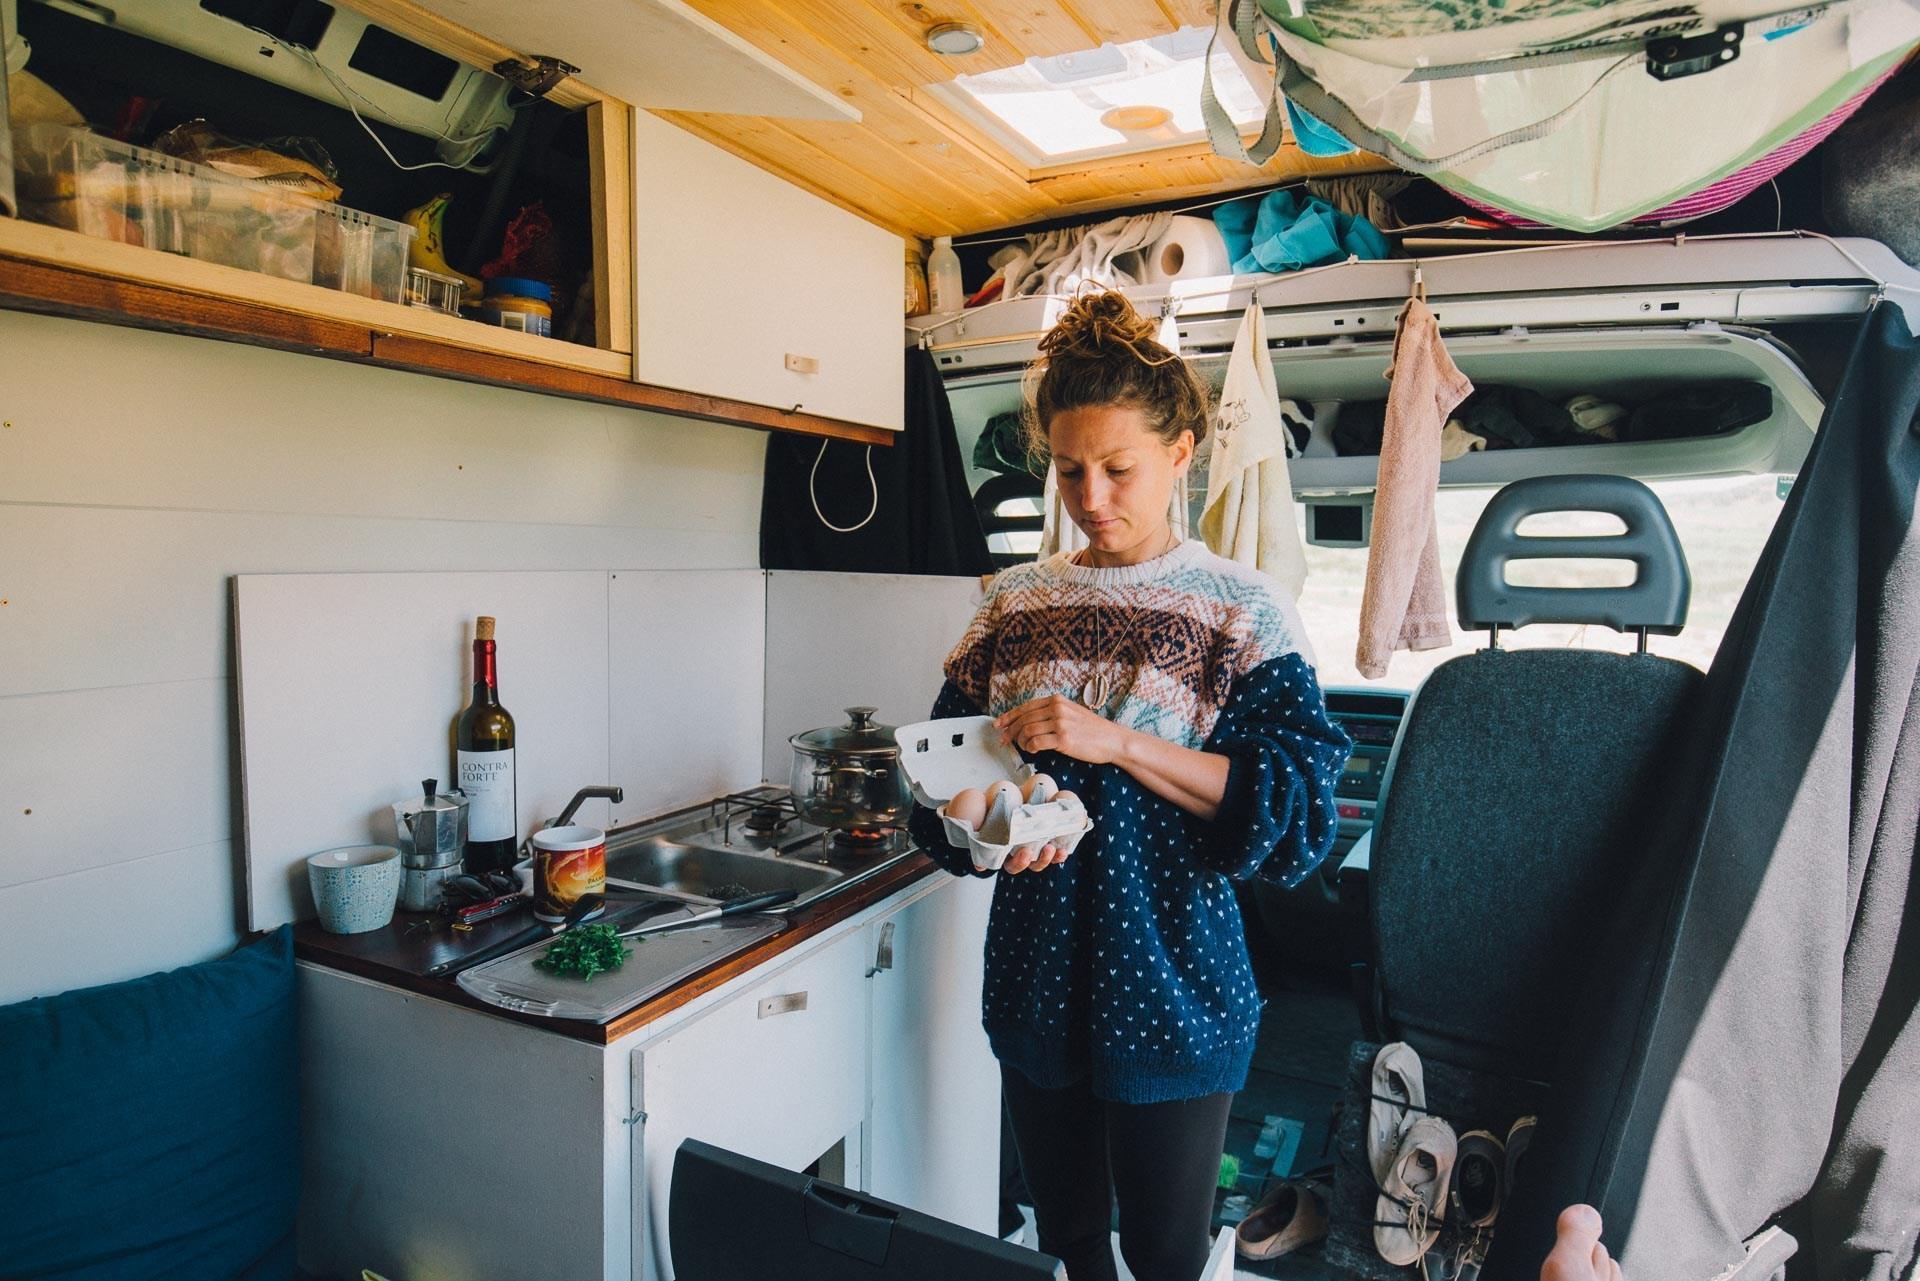 Full Size of Miniküche Gebraucht Gebrauchte Küche Kaufen Ikea Landhausküche Regale Fenster Betten Stengel Gebrauchtwagen Bad Kreuznach Mit Kühlschrank Einbauküche Wohnzimmer Miniküche Gebraucht